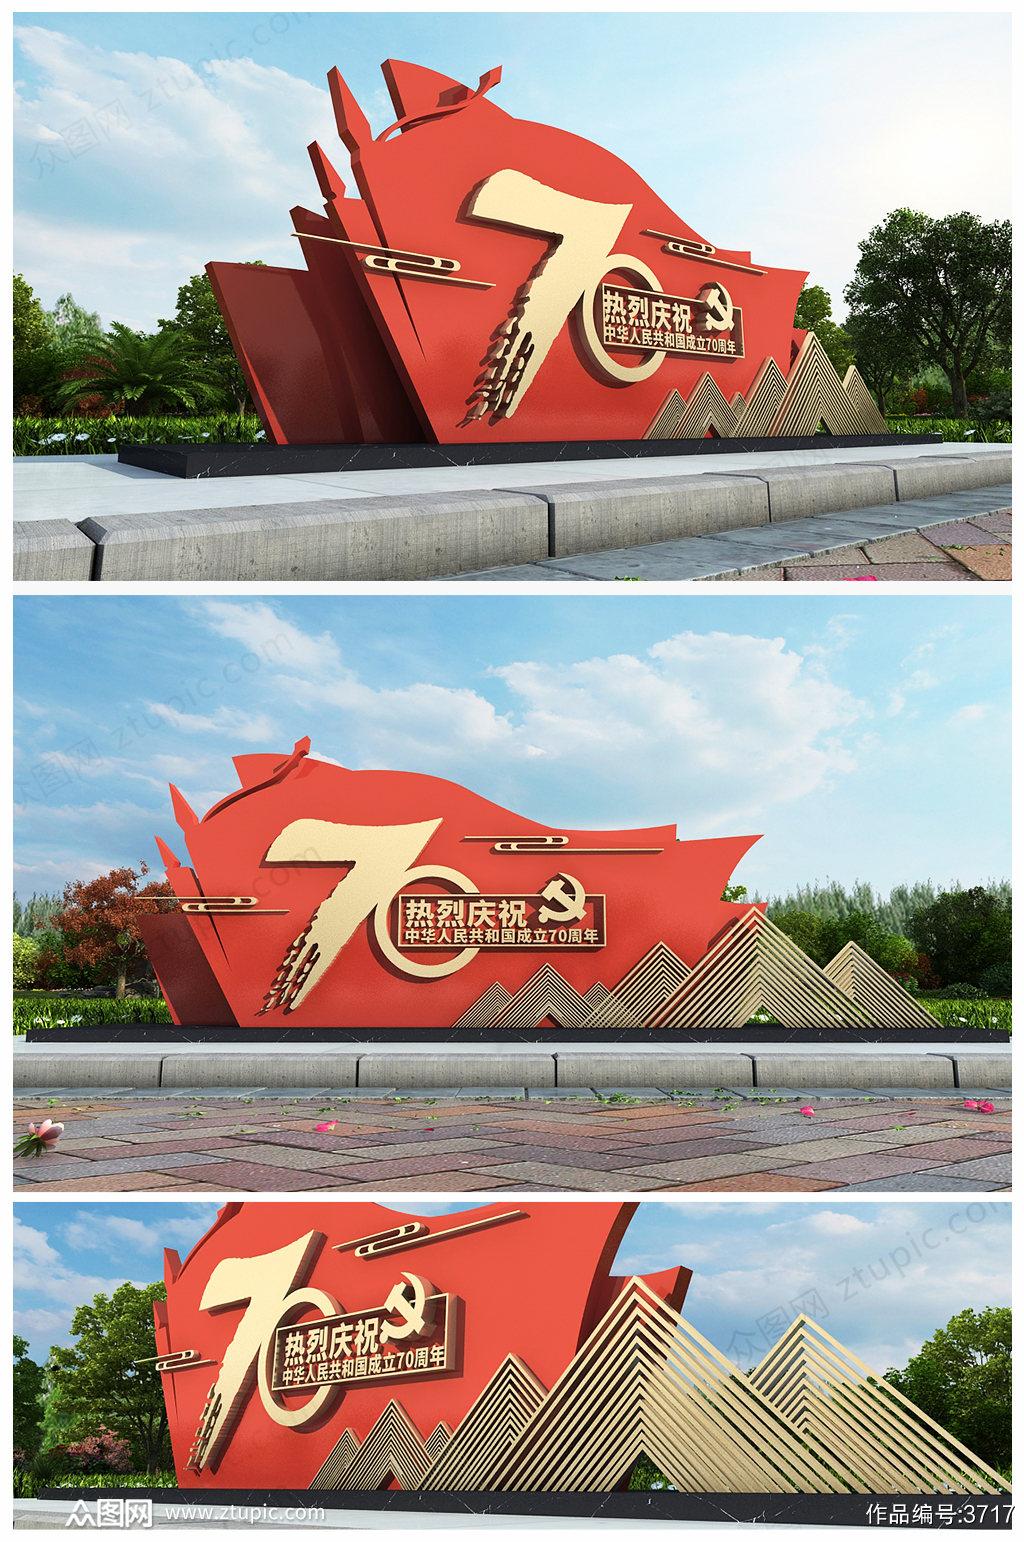 原创国庆70周年户外党建文化装饰景观设计素材